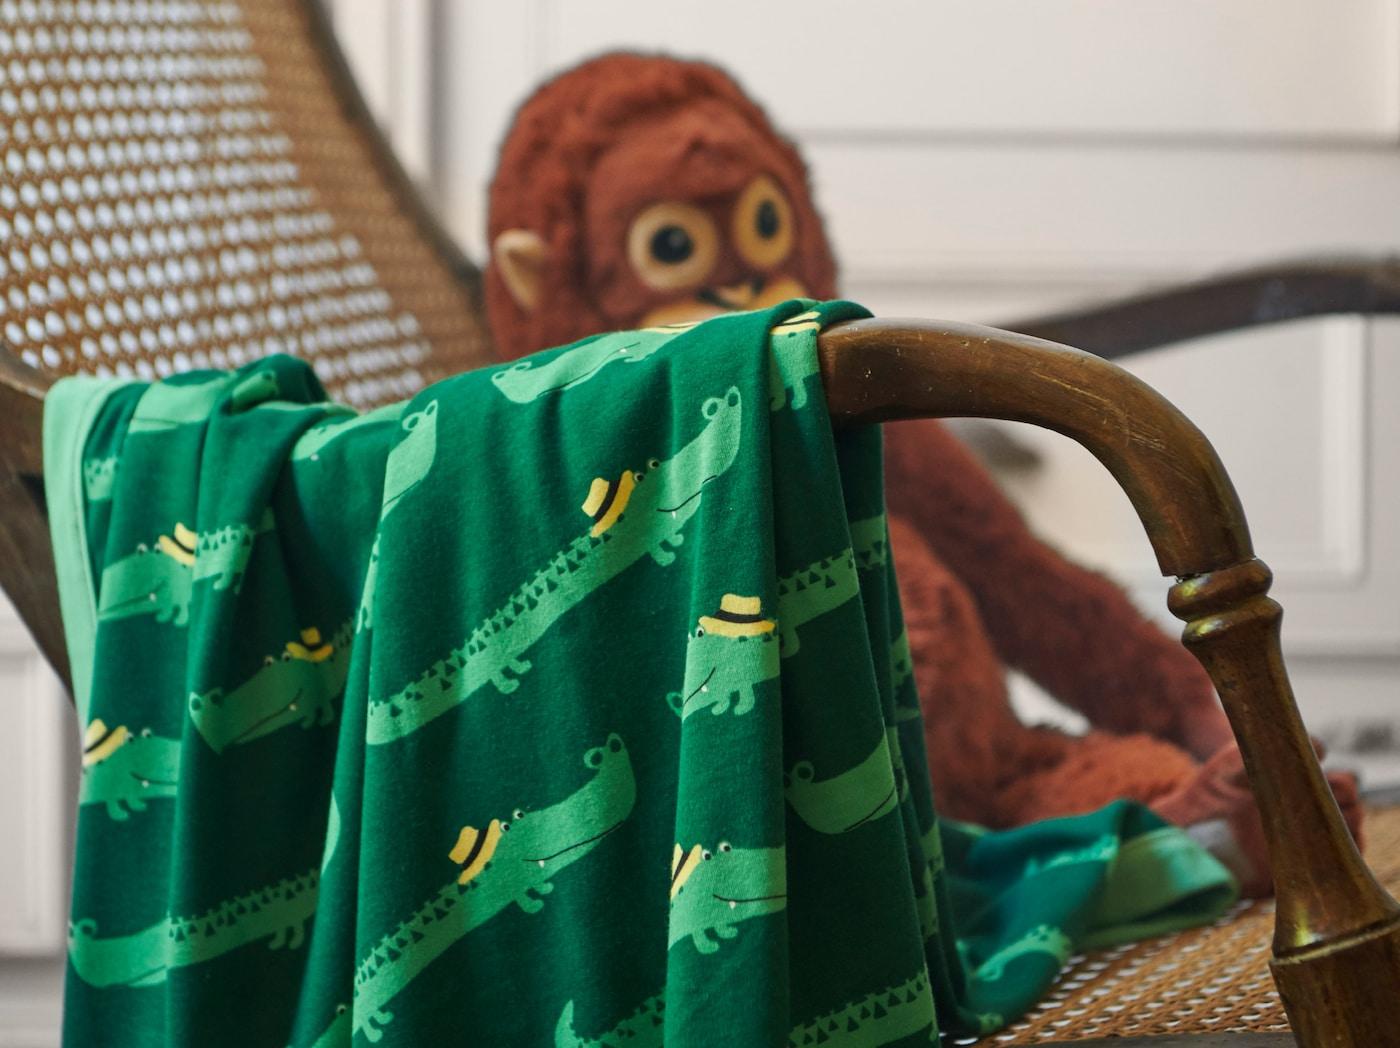 特写:RÖRANDE 略朗德 毯子置于柳条椅上,饰有在绿色背景上爬行的友好小鳄鱼。